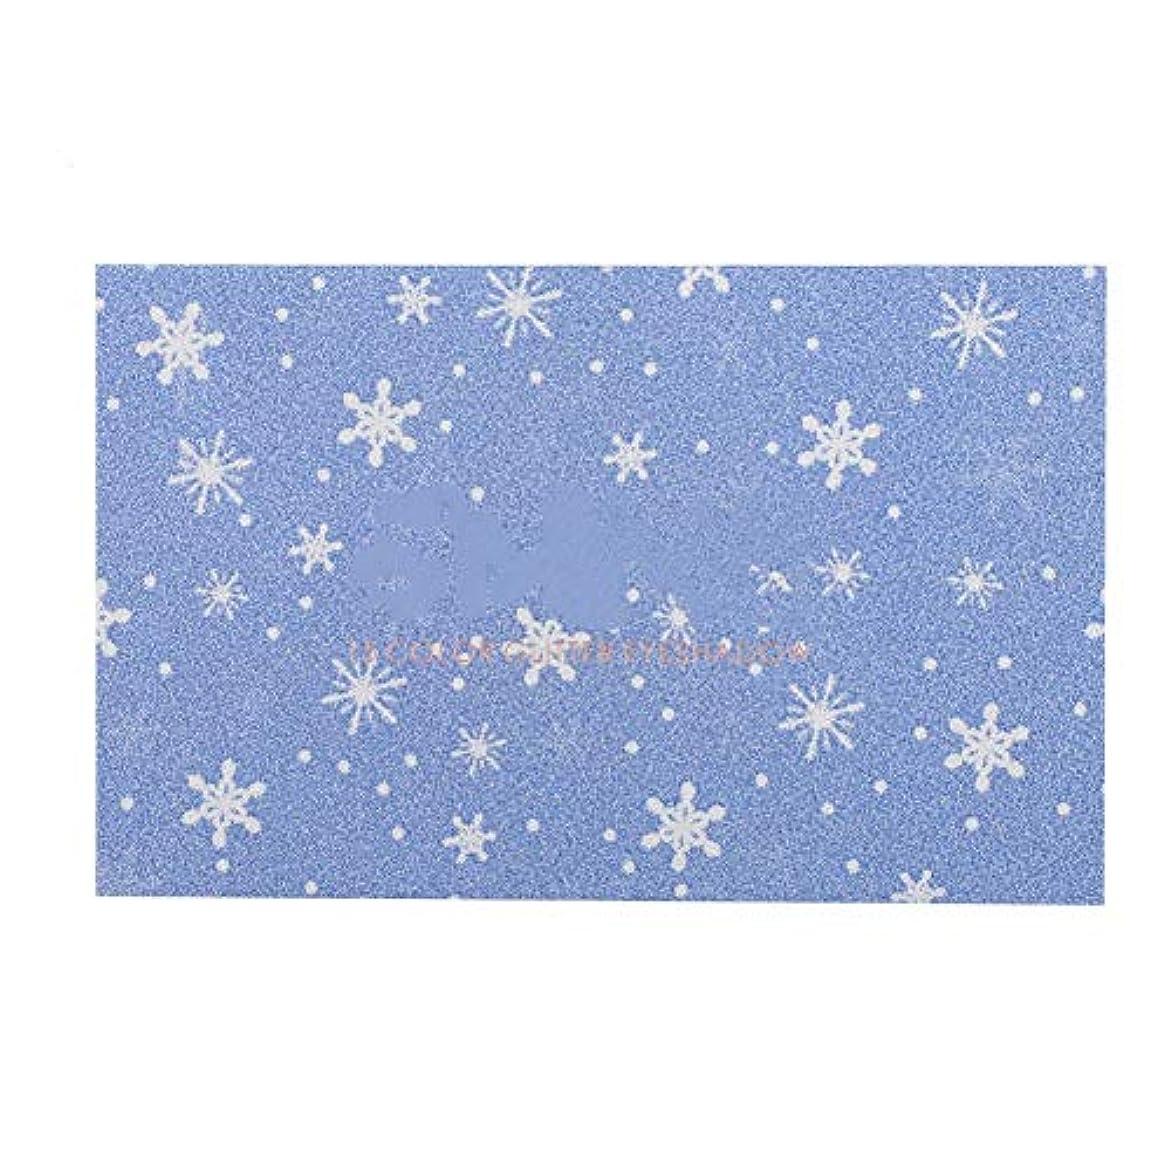 ディスクバケツニュージーランド15色真珠光沢アイシャドウパレット防水化粧アイシャドウパウダー化粧品(GG15-4)